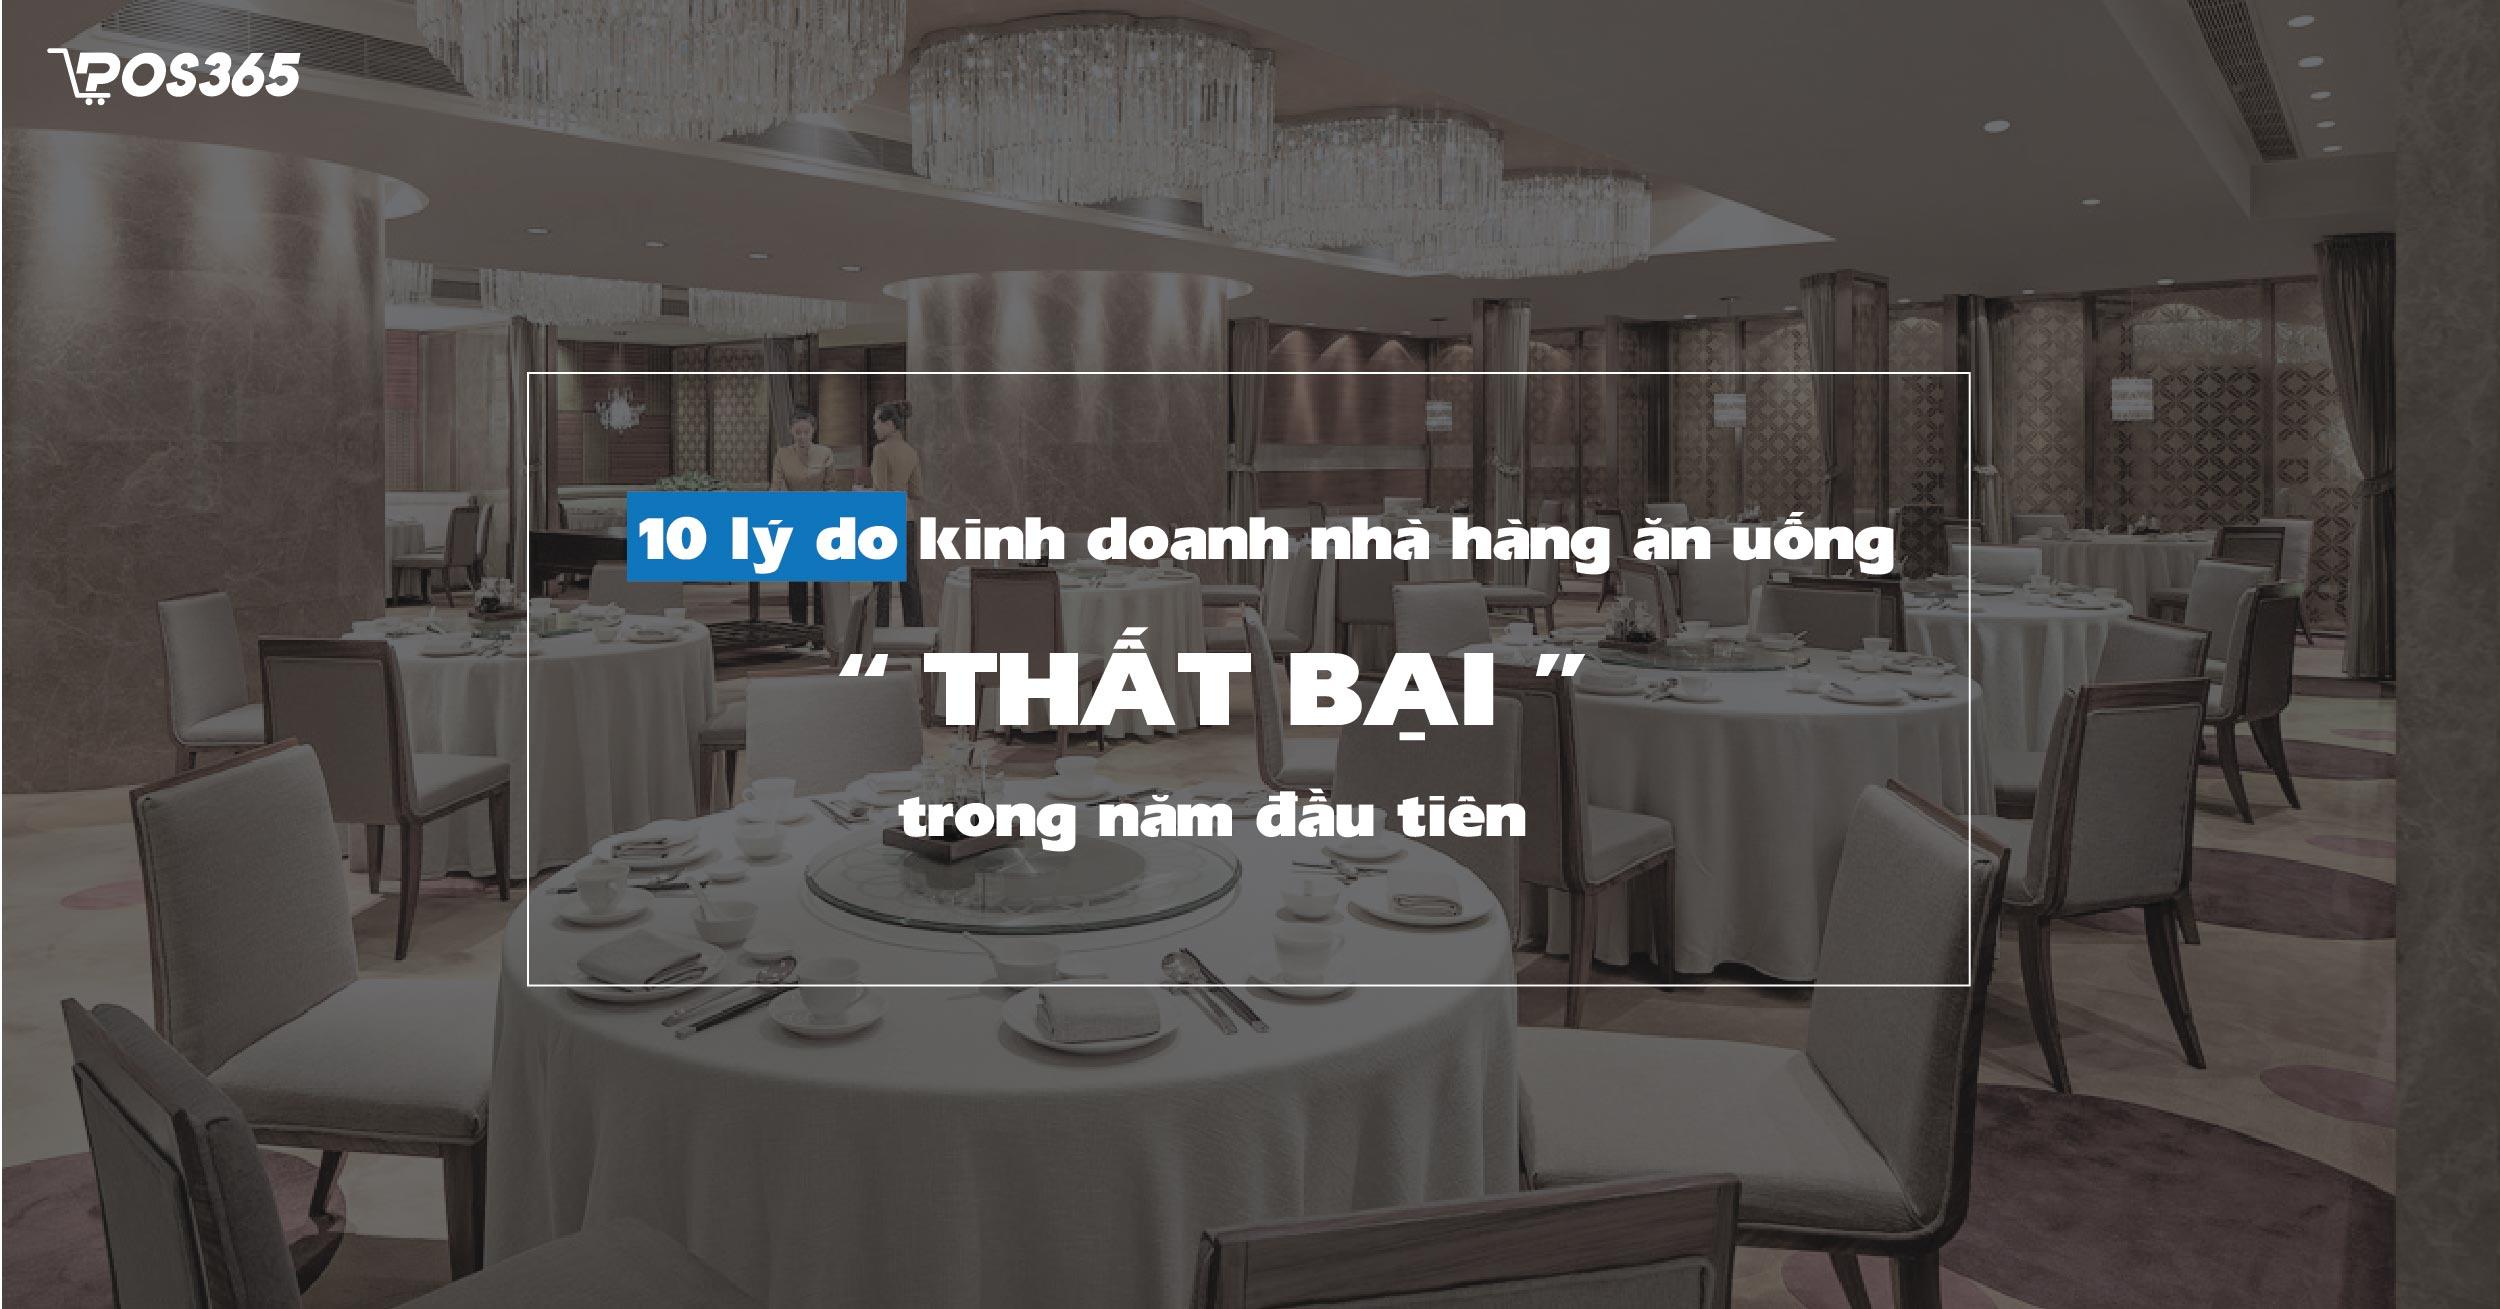 10 lý do kinh doanh nhà hàng ăn uống THẤT BẠI